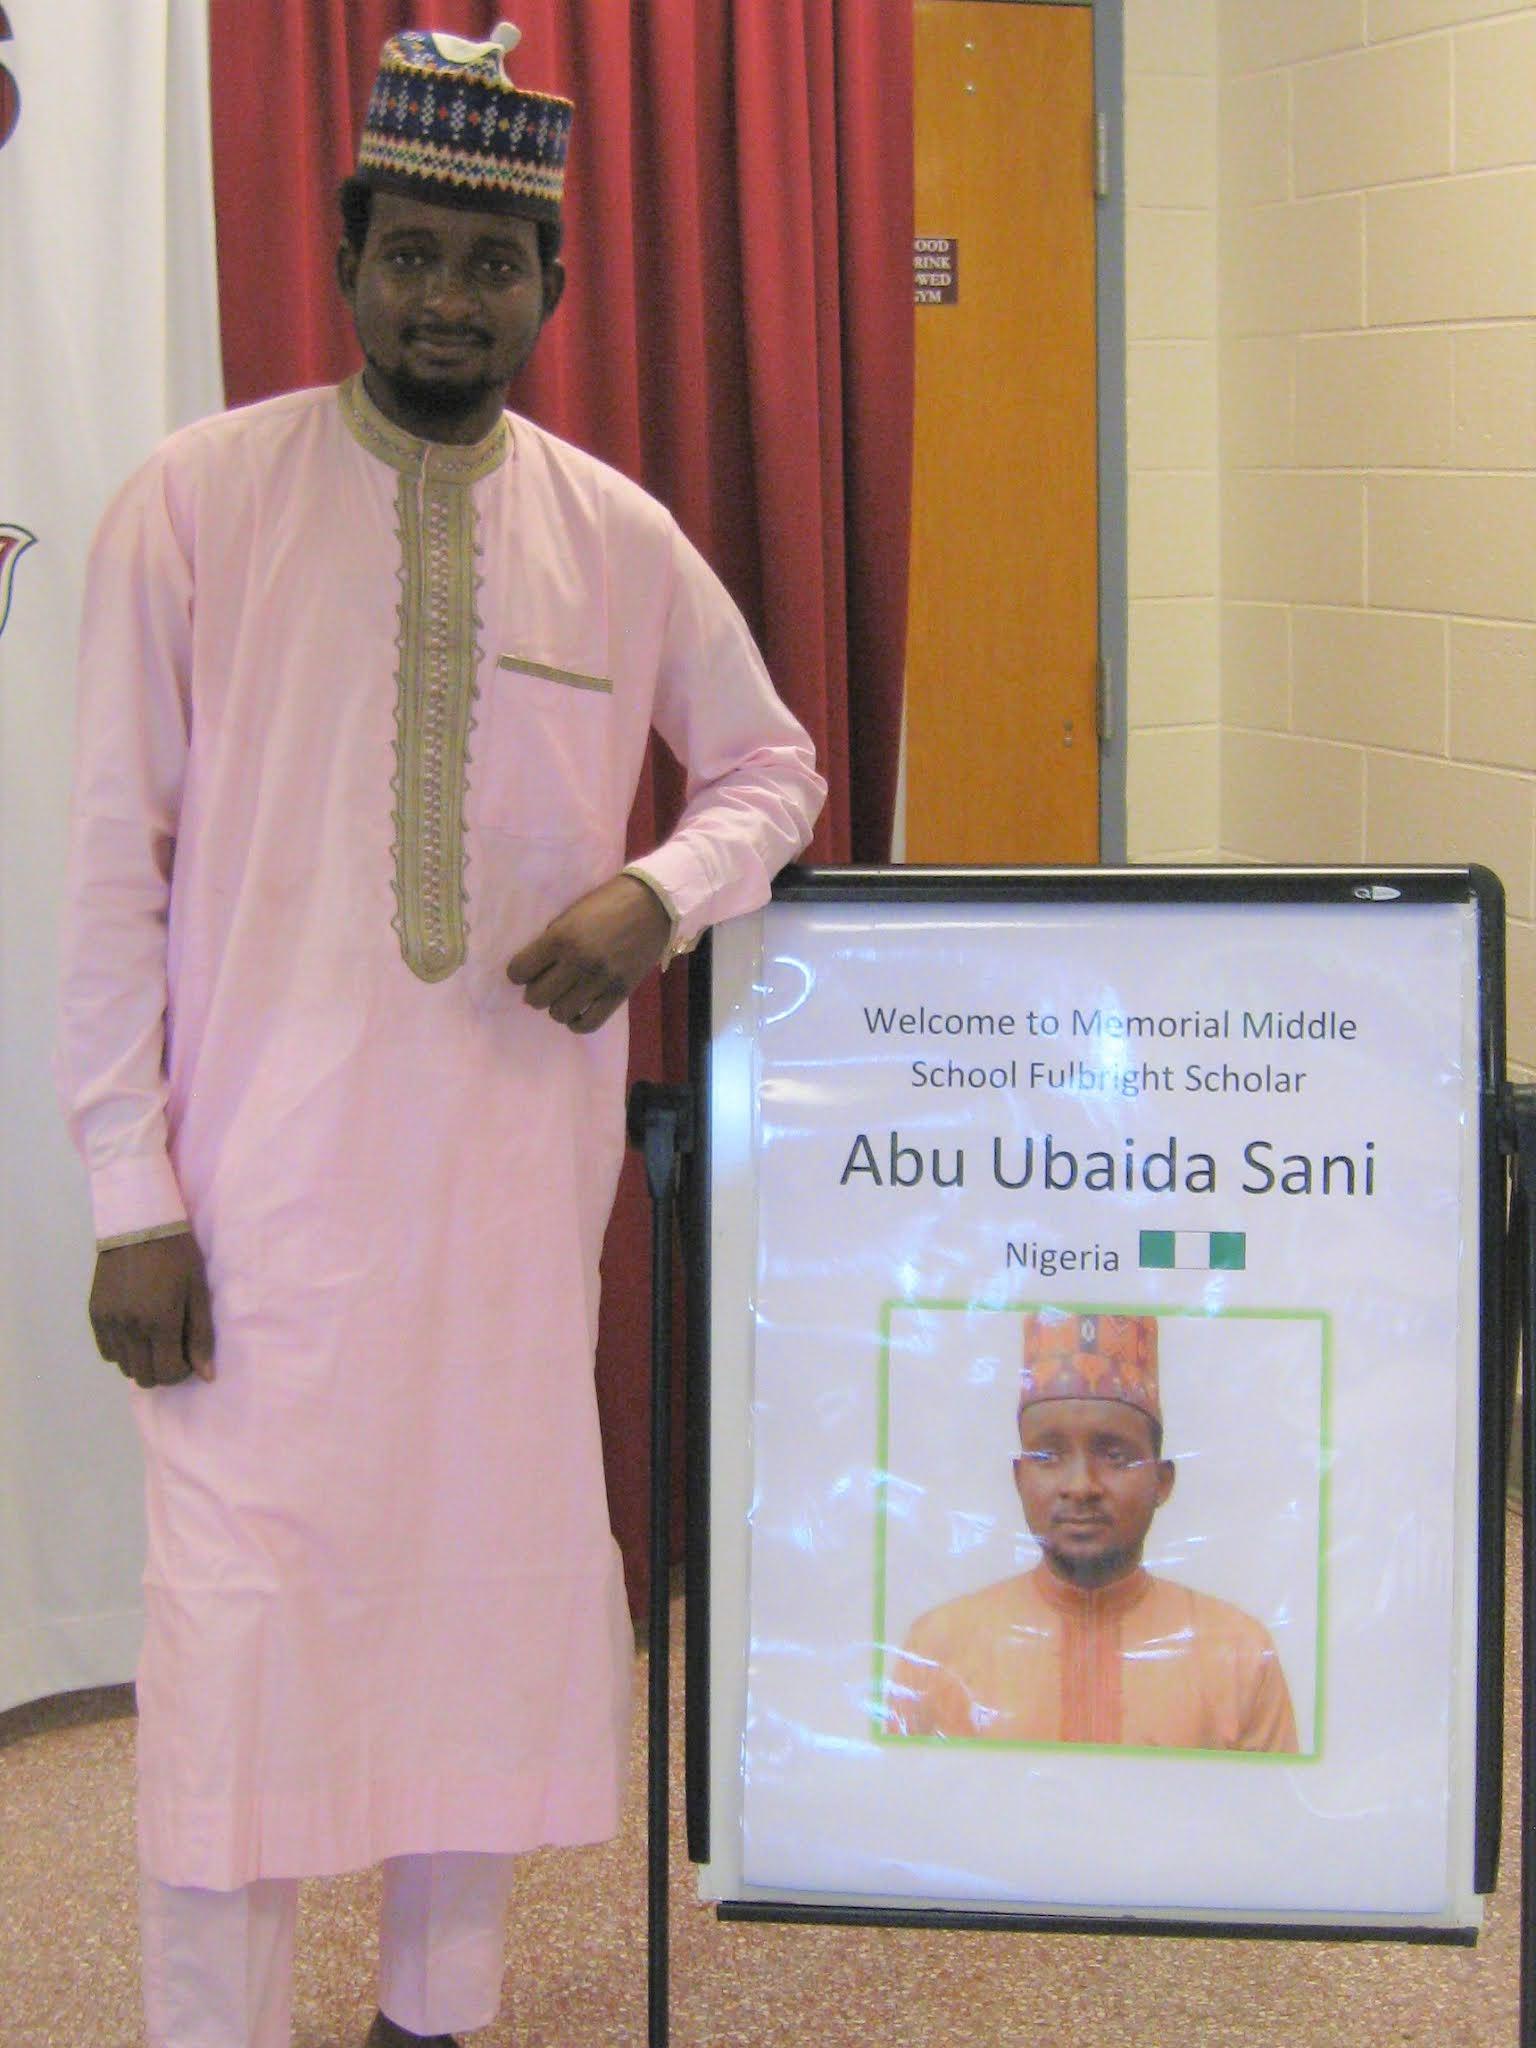 Abu-Ubaida Sani